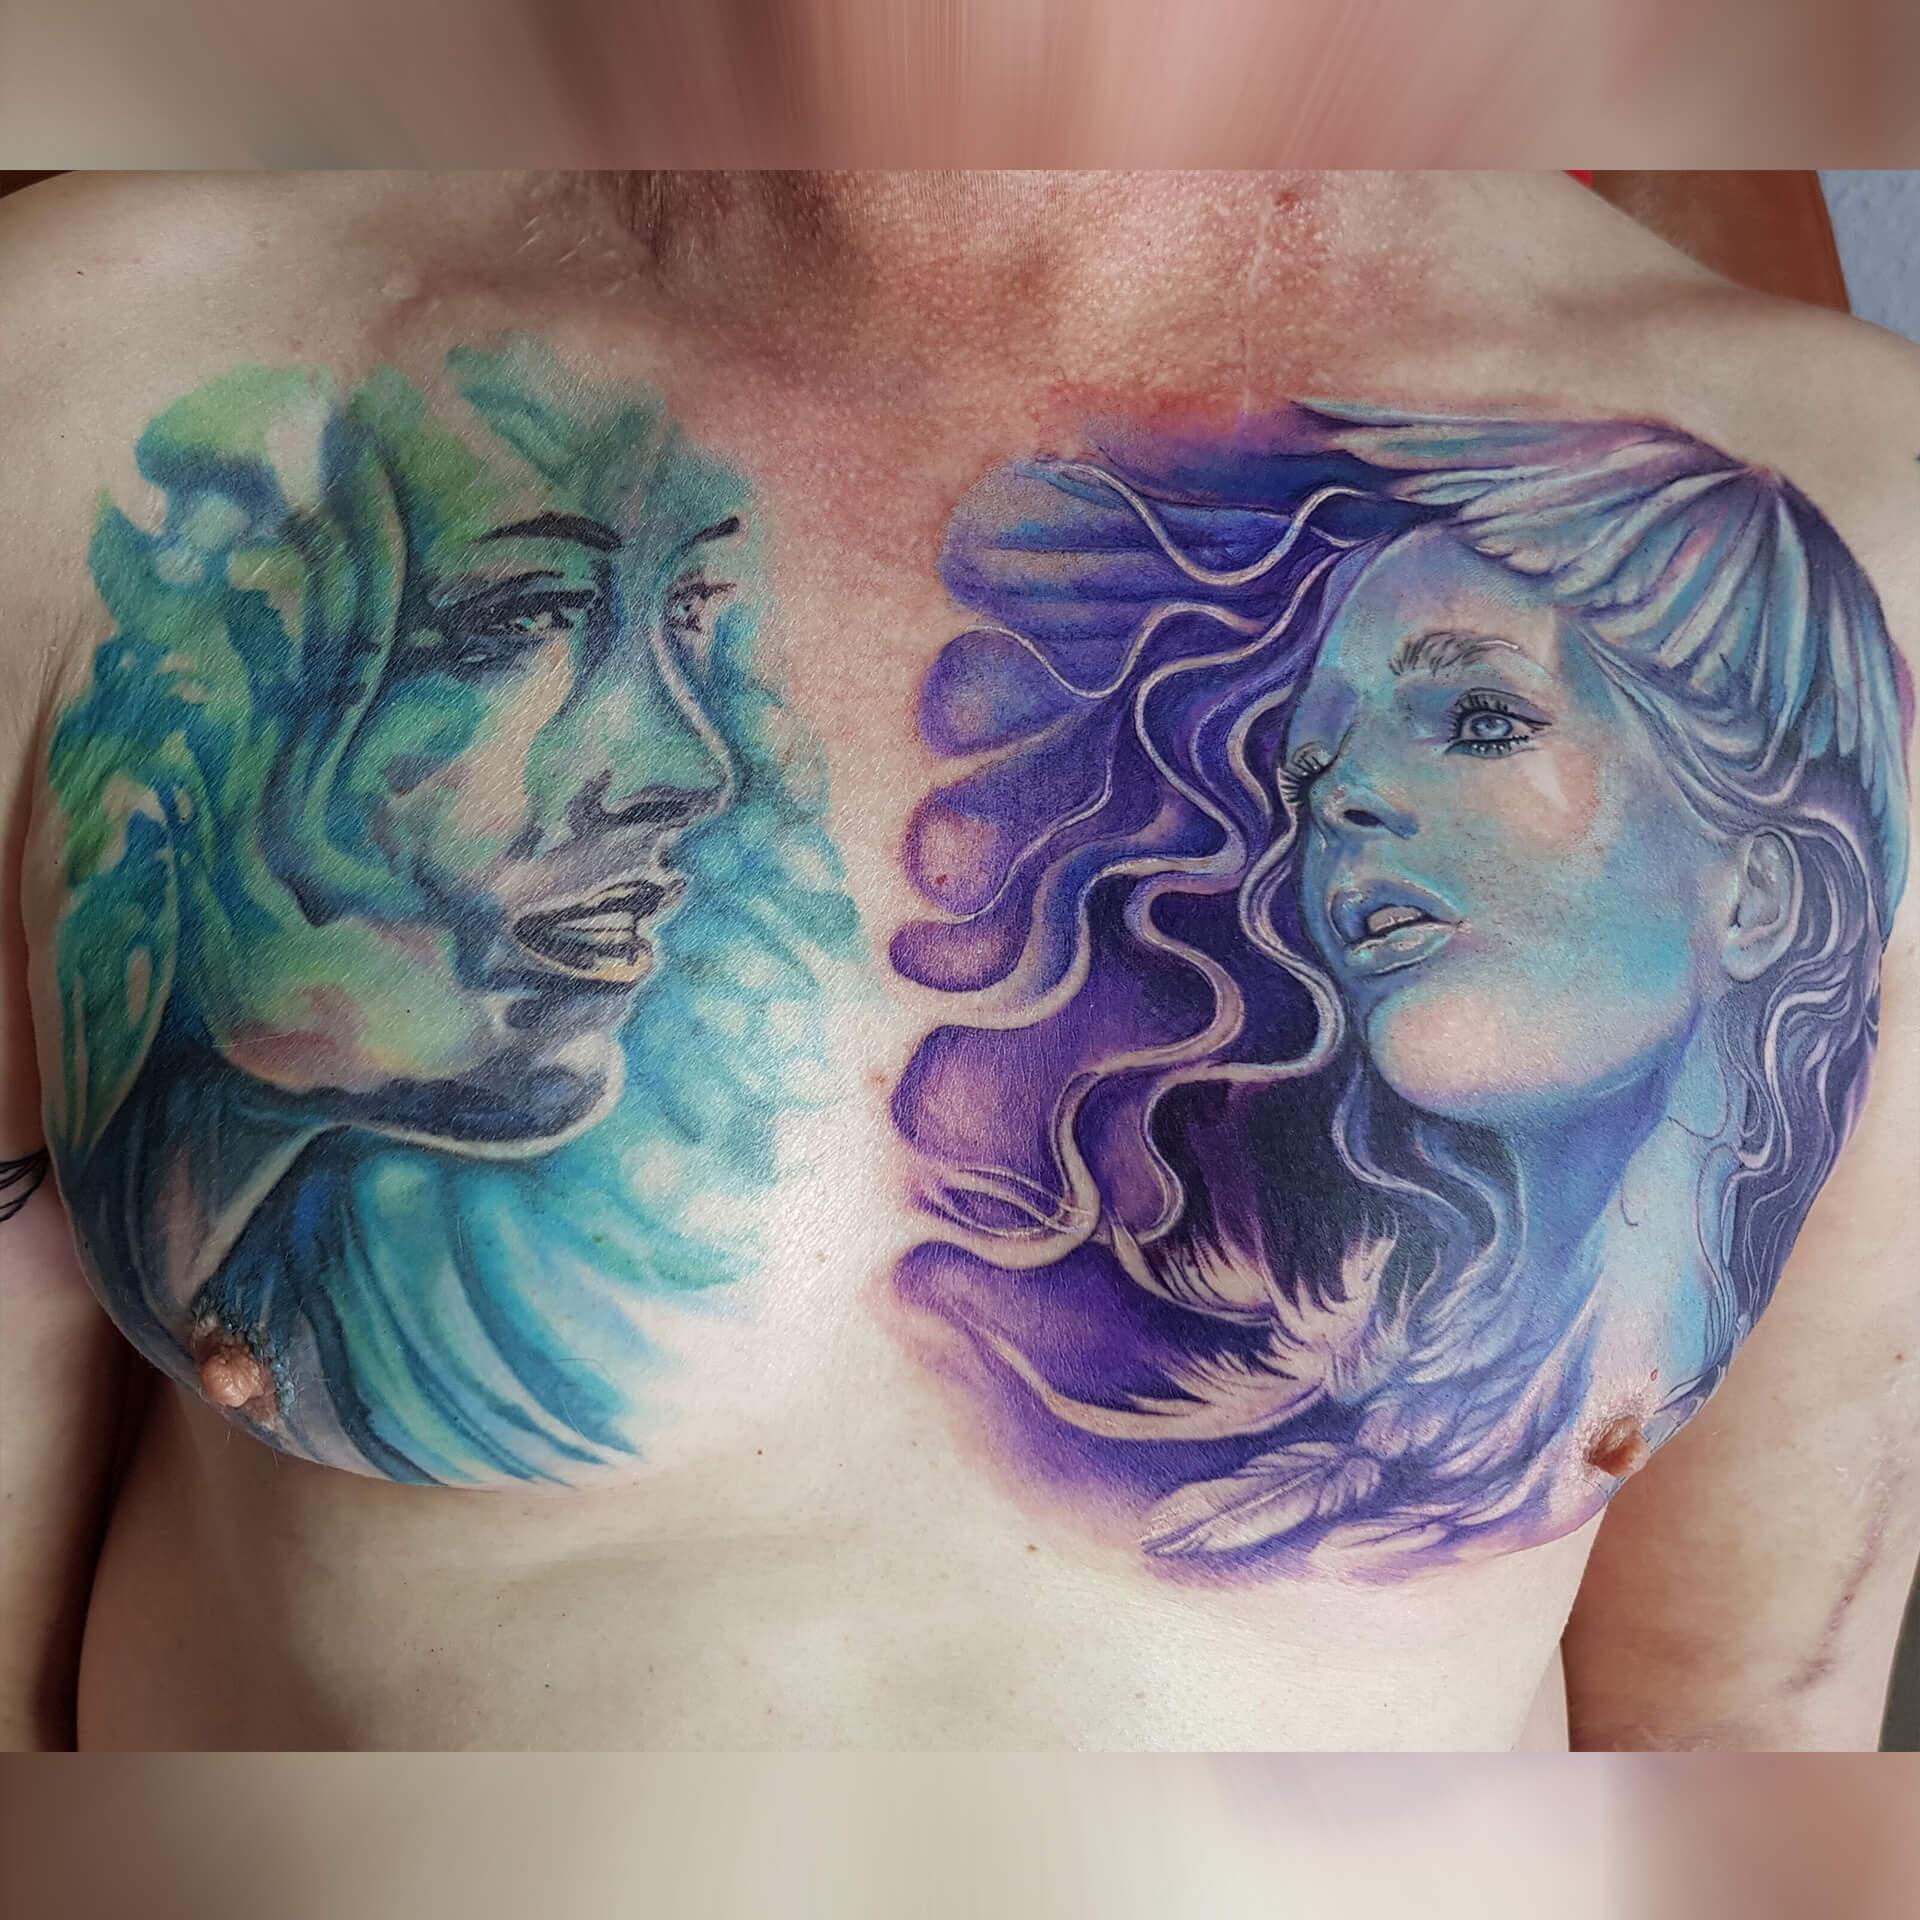 Studio tatuażu Gdańsk Alicja Mazur